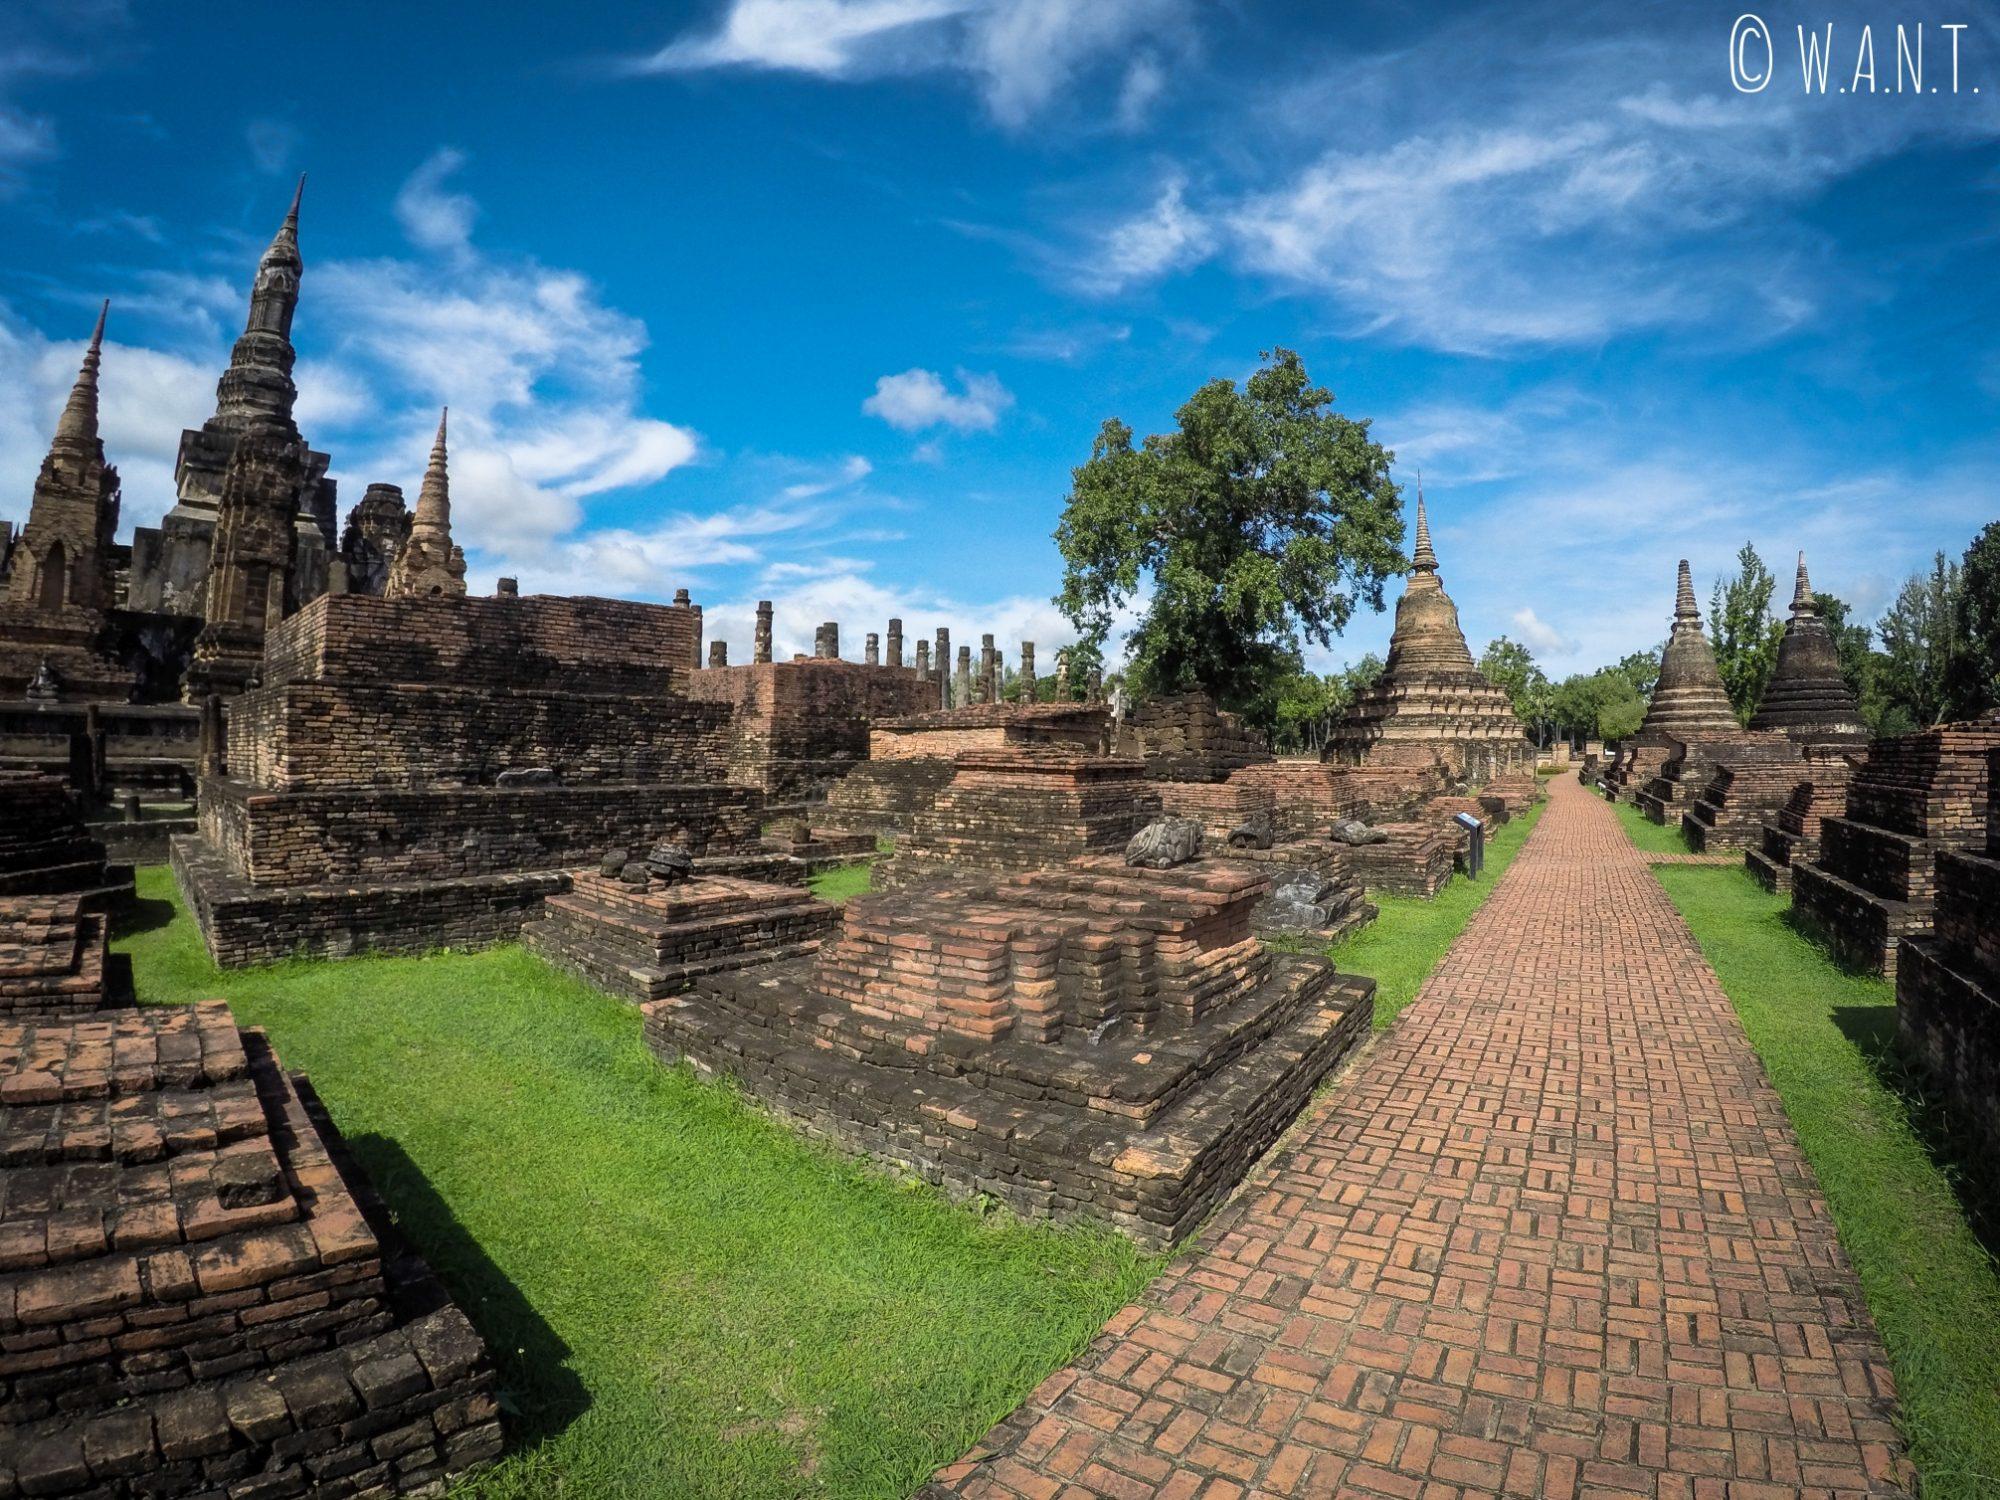 À l'intérieur du Wat Mahathat dans la zone centrale de Sukhothai